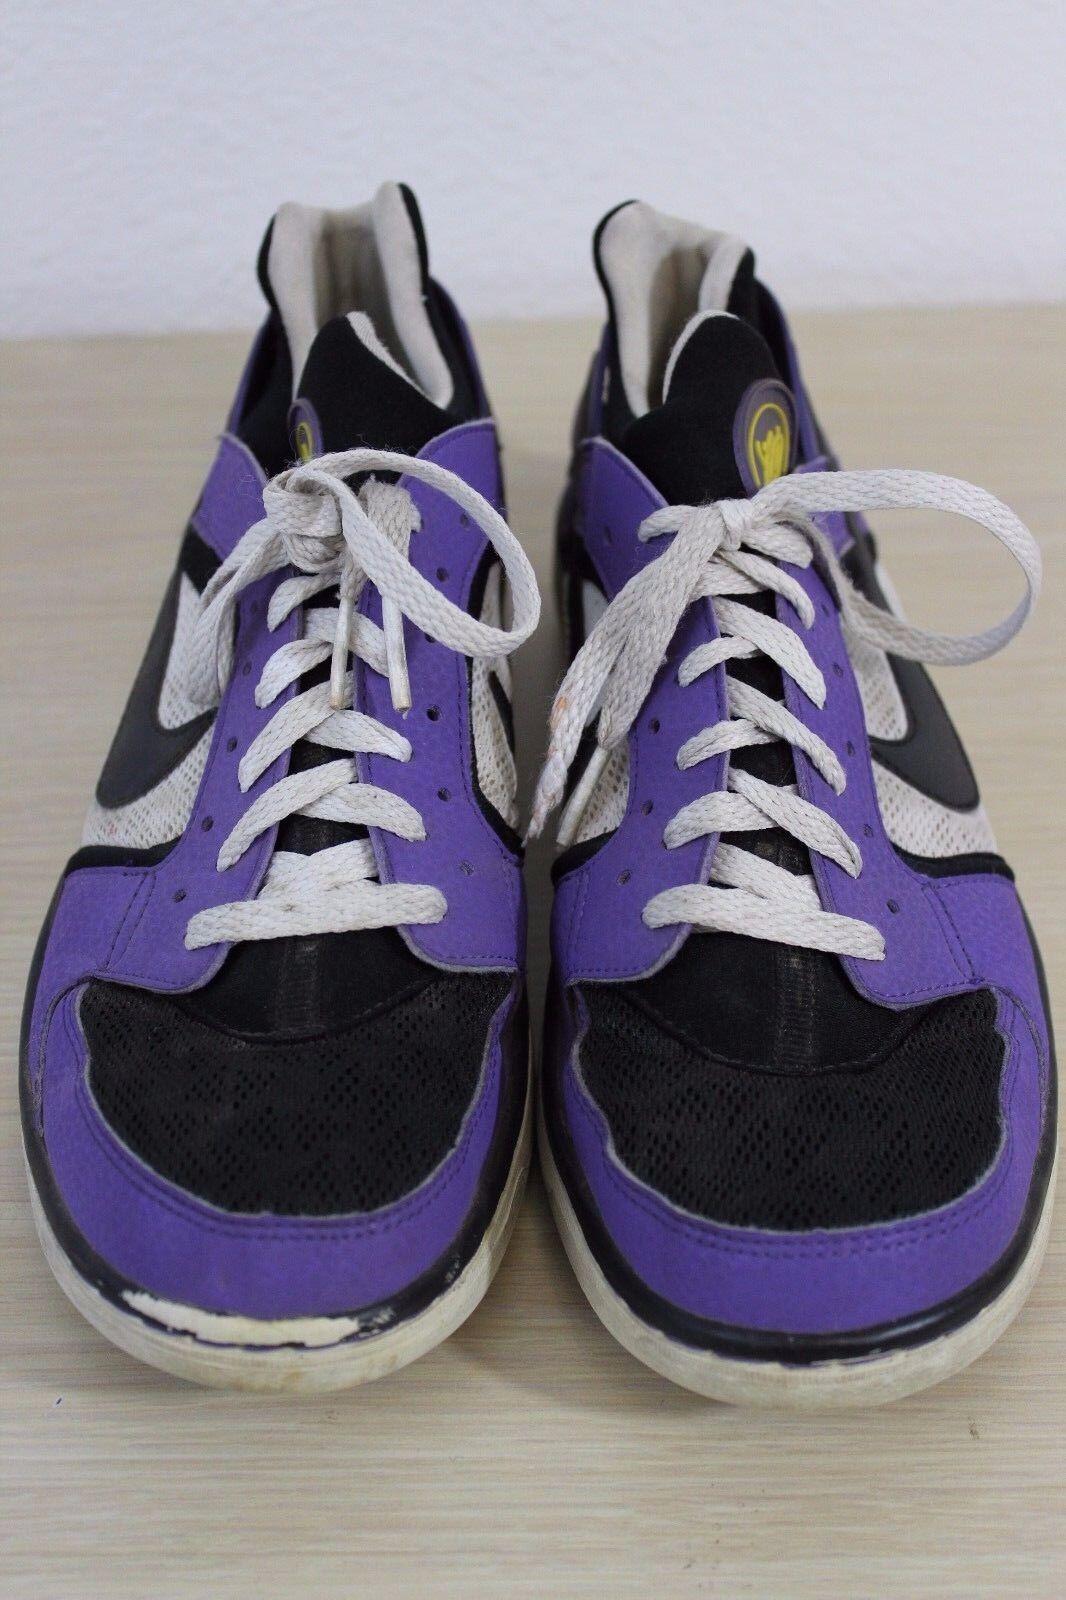 nike huarache viola & black palestra palestra palestra scarpe taglia noi 9 donne   Primo gruppo di clienti    Uomini/Donna Scarpa  2e18fe